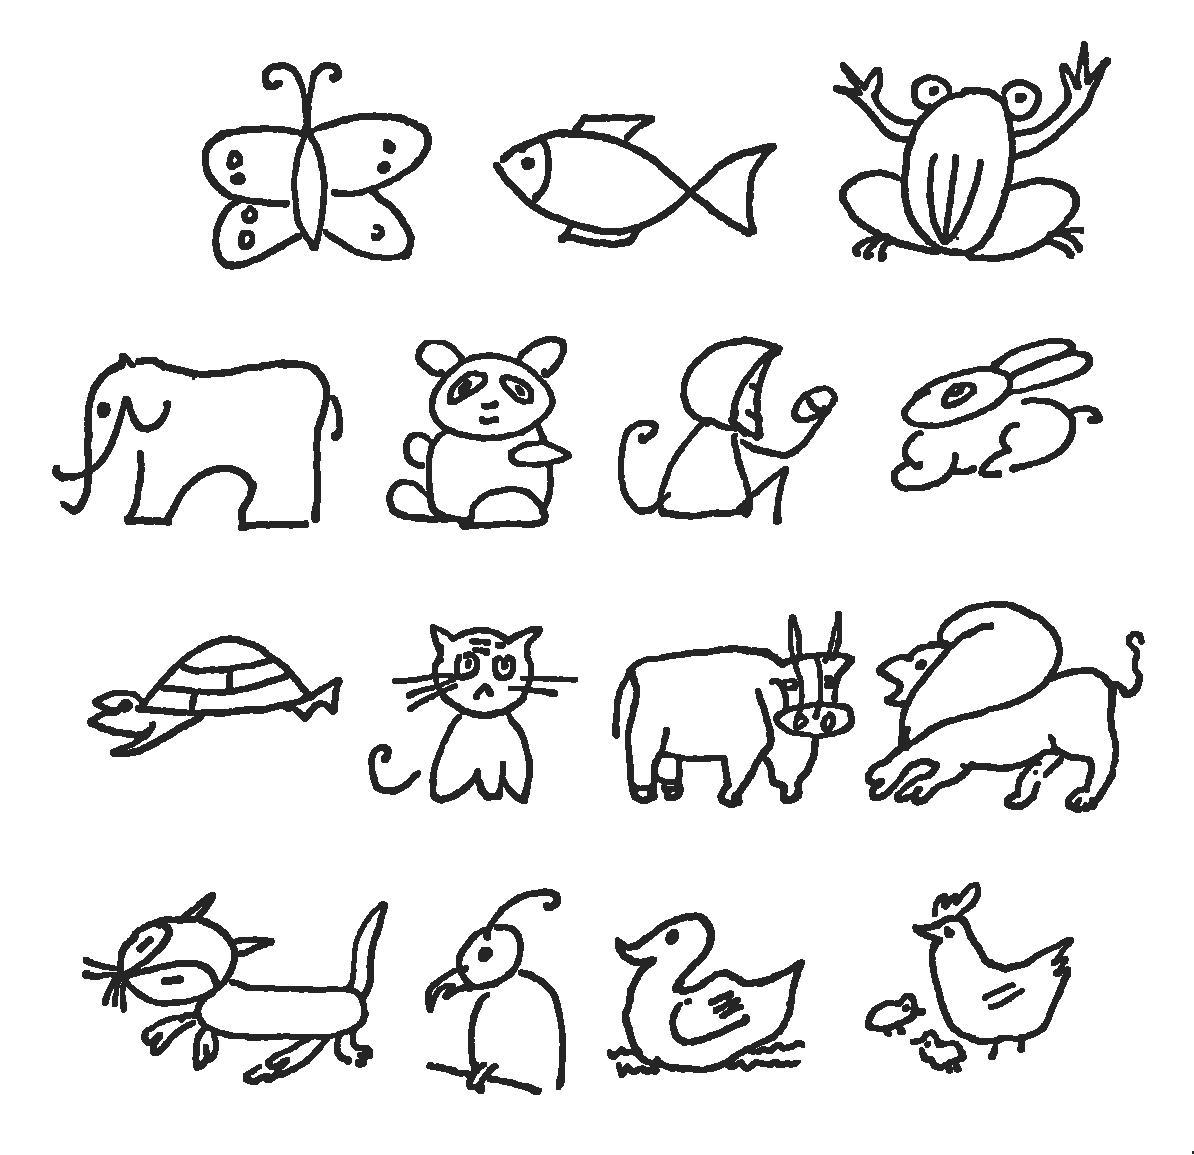 表情 儿童简笔画简笔画 儿童简笔画图片欣赏 儿童简笔画儿童画画作品 有伴网 表情